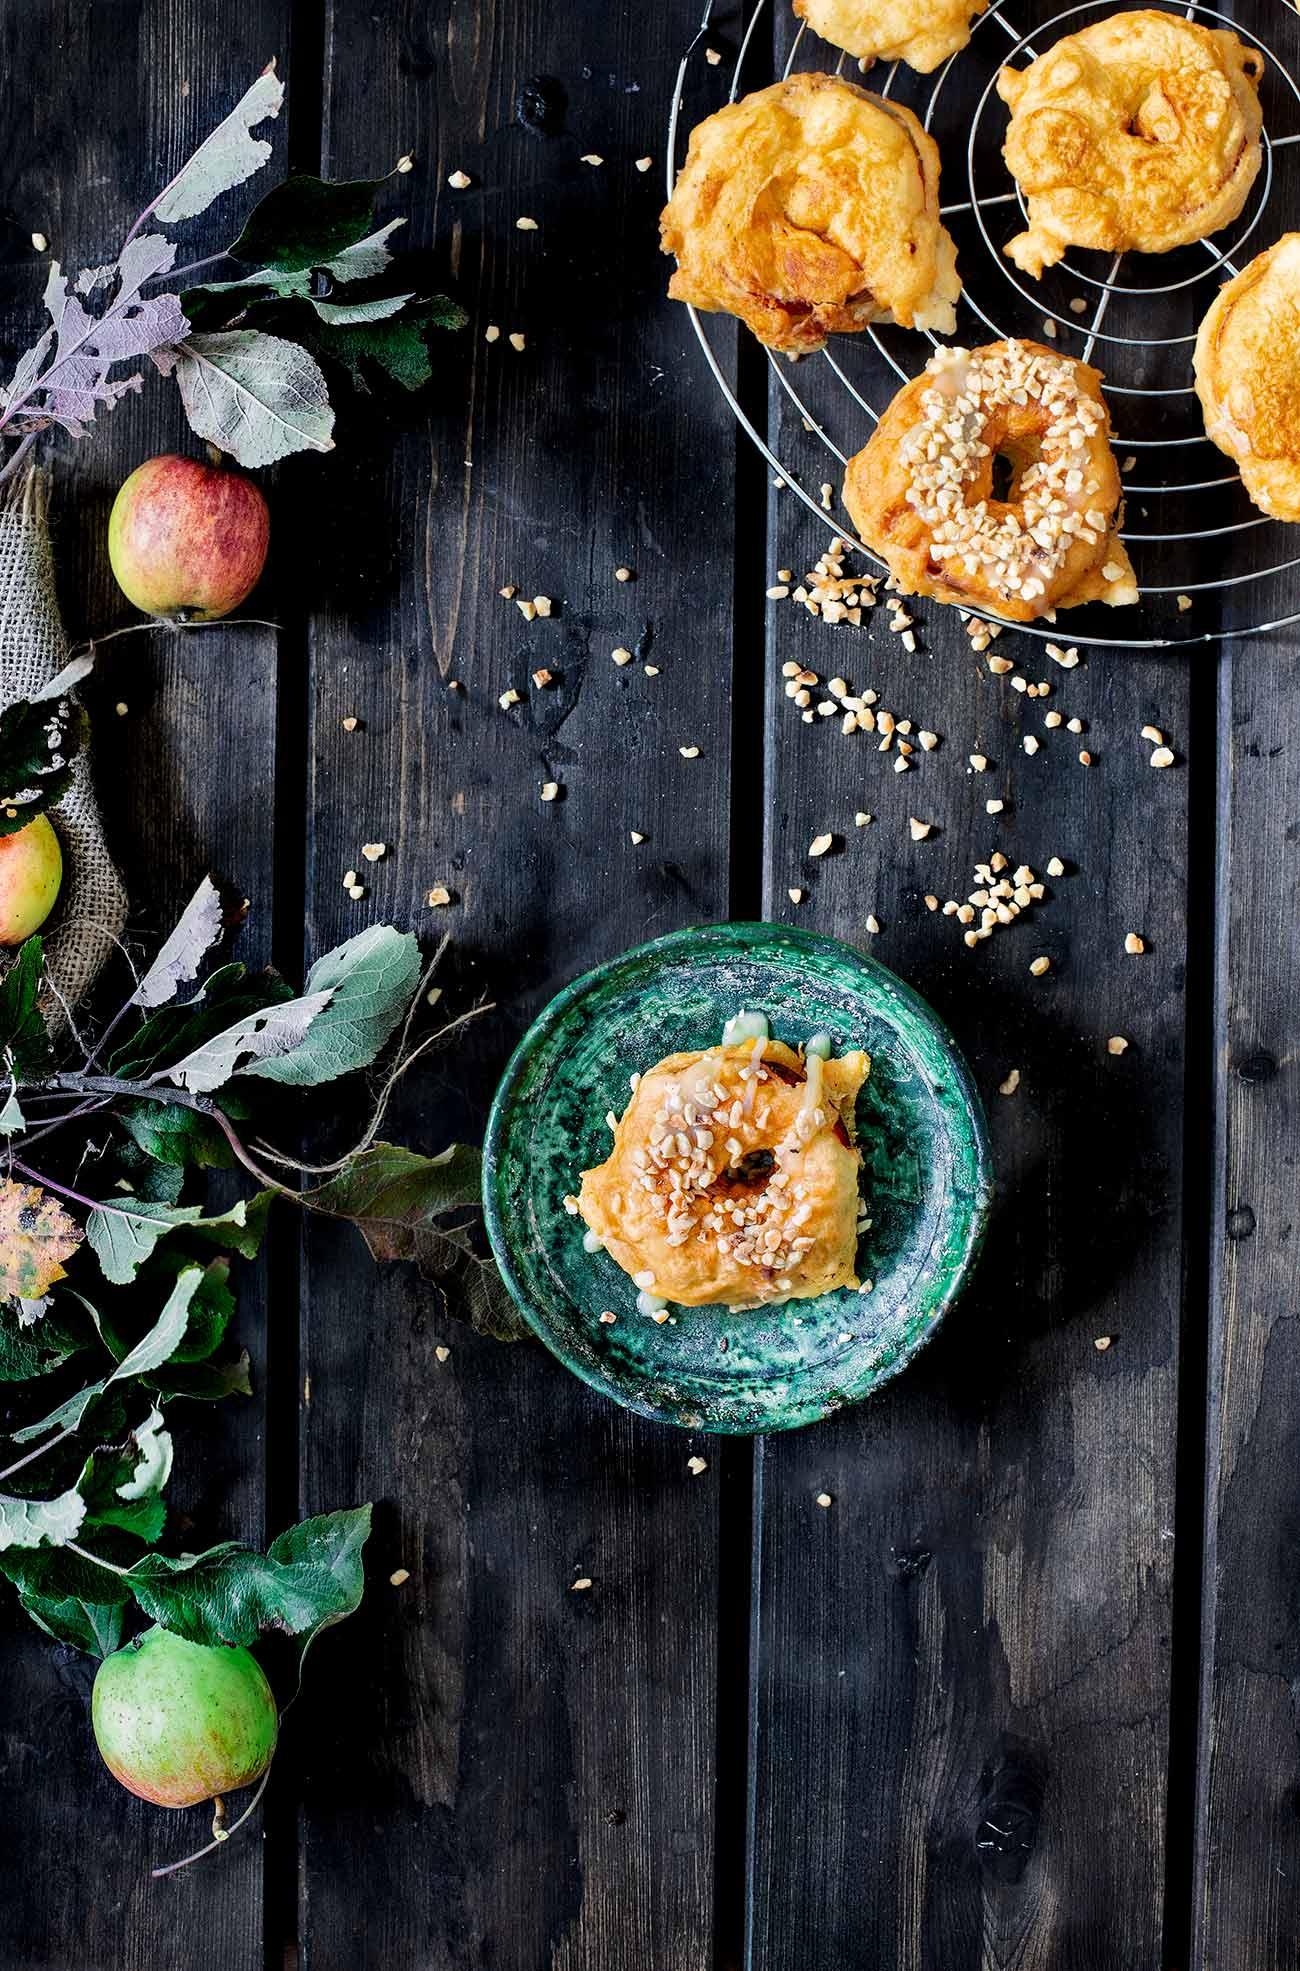 Ich liebe die Apfel-Saison. Auch wenn die Apfelbäume vorm Haus recht stabil aussehen, sind die Zeiten vorbei, dass ich mich auf einen Ast schwinge, meine Beine baumeln lasse und in einen knackigen Apfel beiße. Heute sammele ich sie lieber auf und verarbeite sie zu leckeren Speisen. Greift zu. Es ist genug für Alle da.